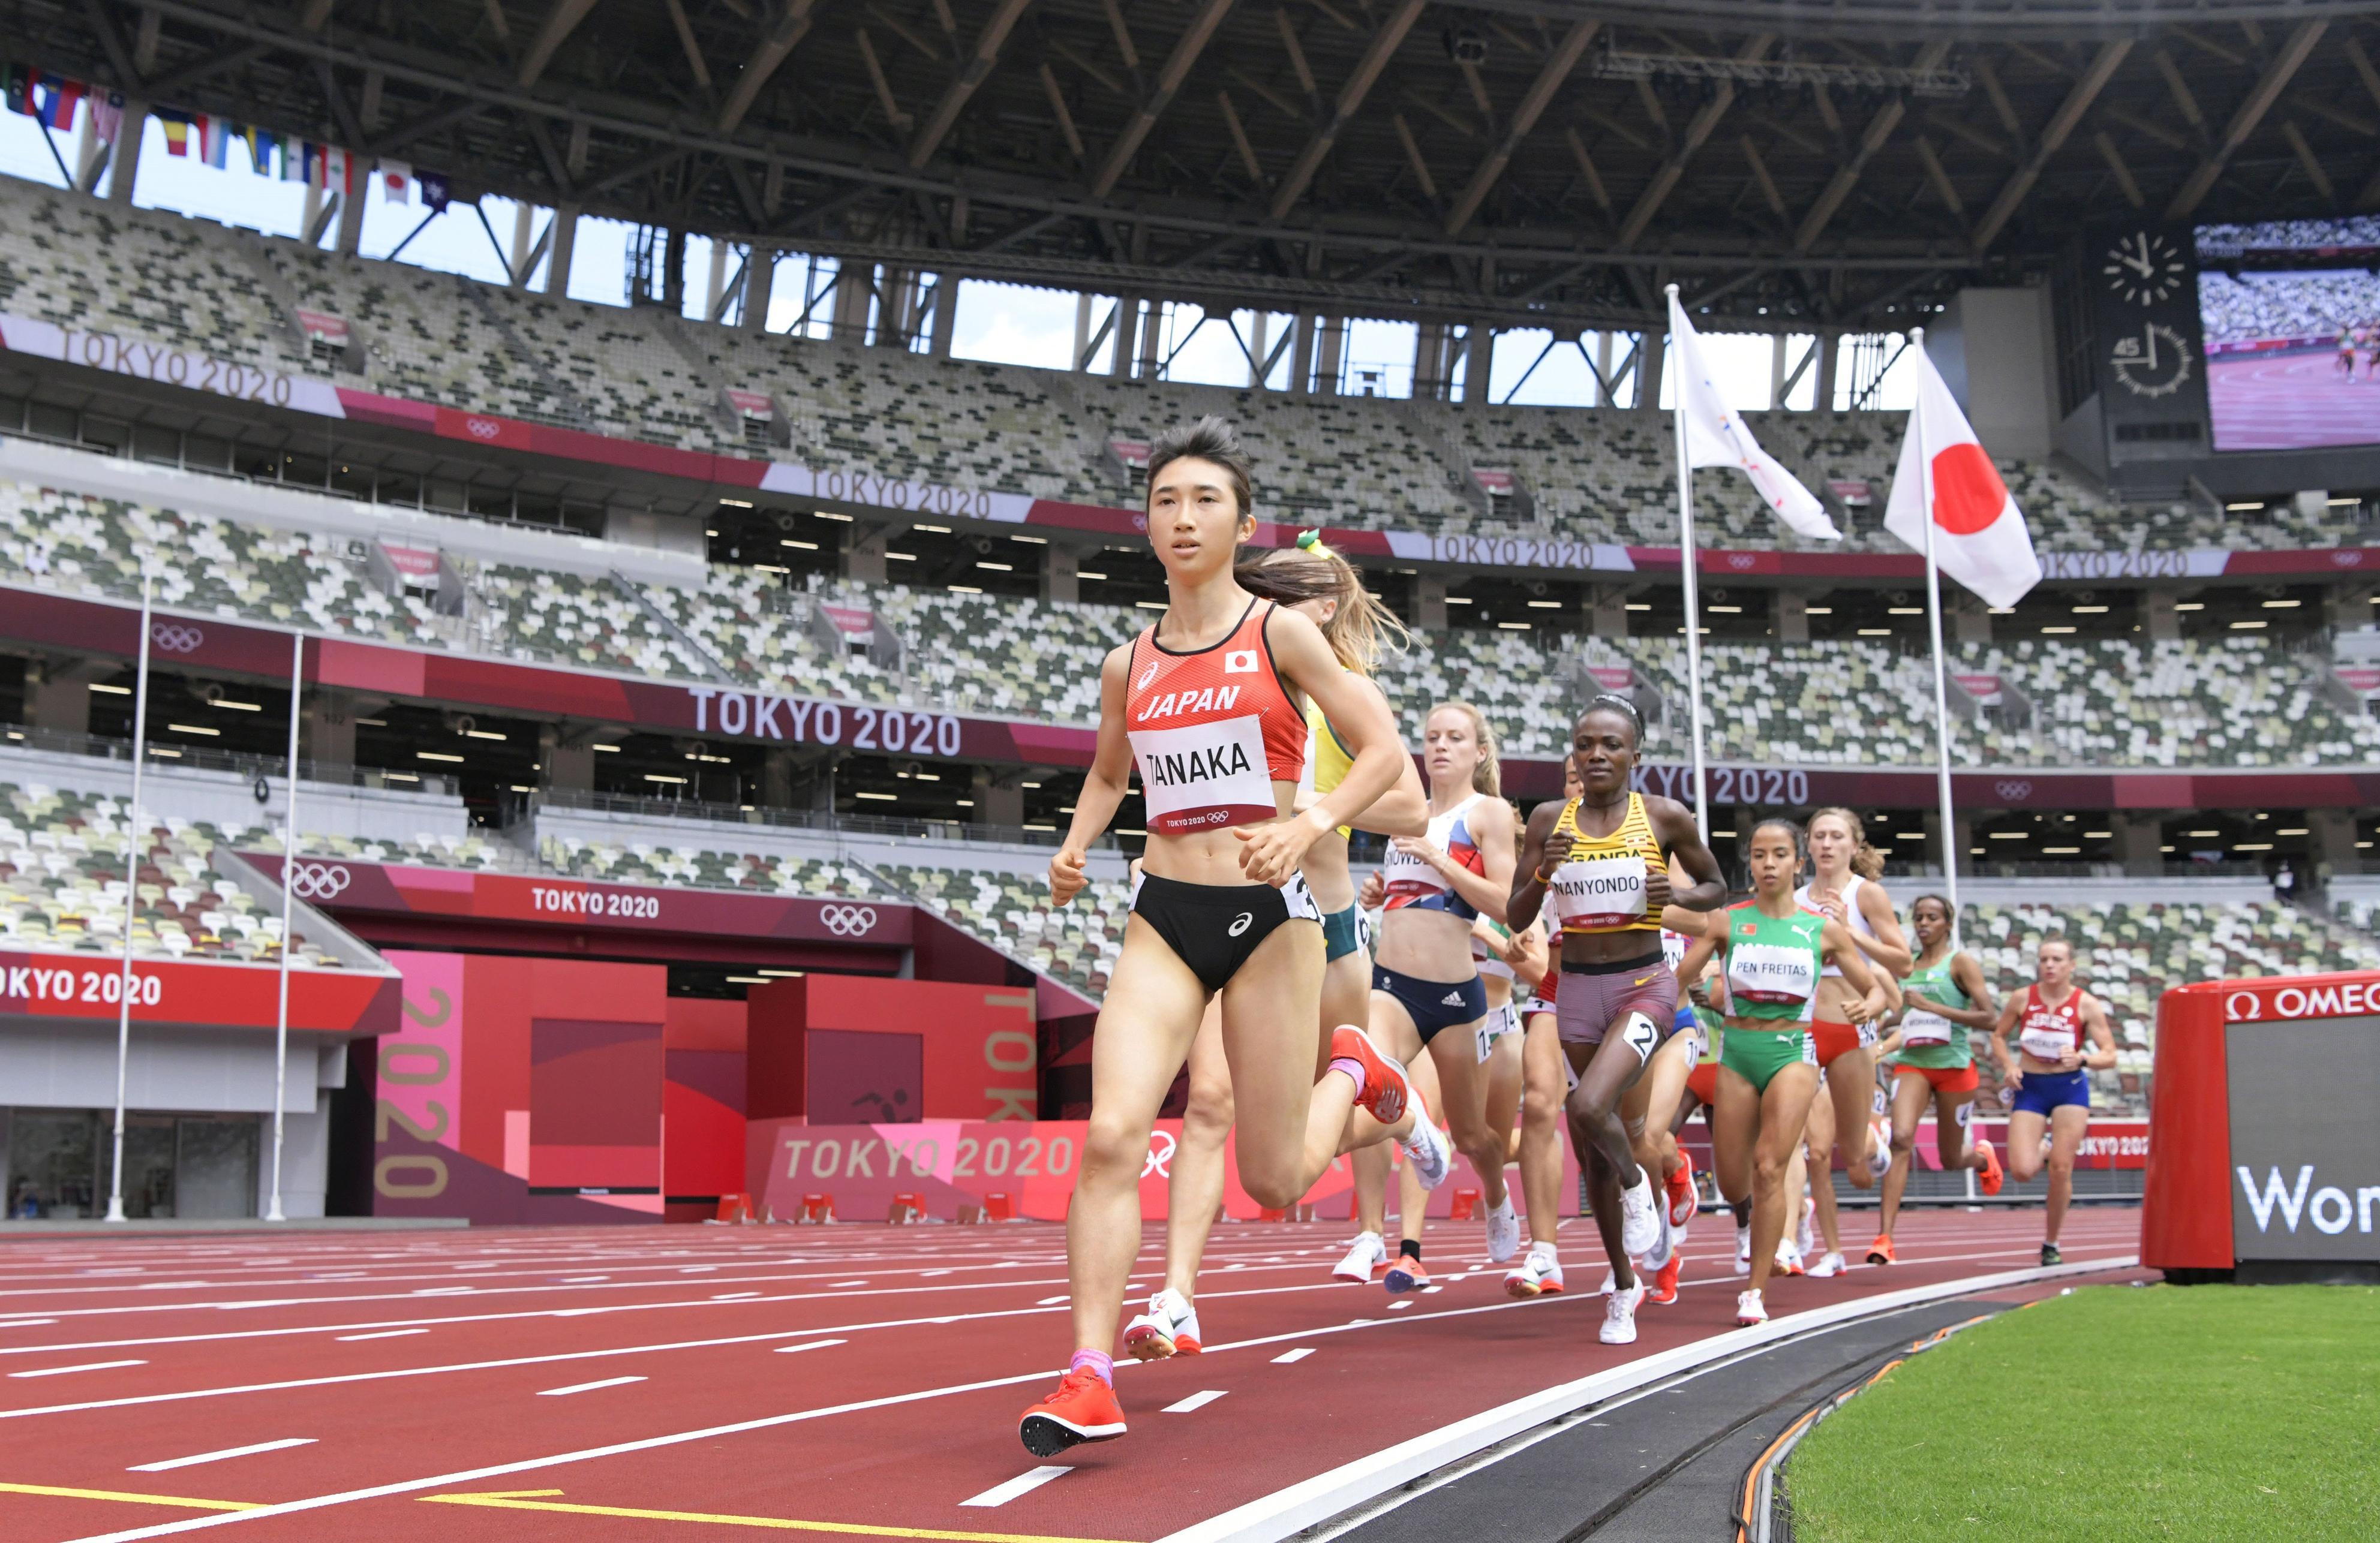 女子1500メートル予選 4分2秒33の日本新記録をマークし、準決勝進出を決めた田中希実(手前)=国立競技場